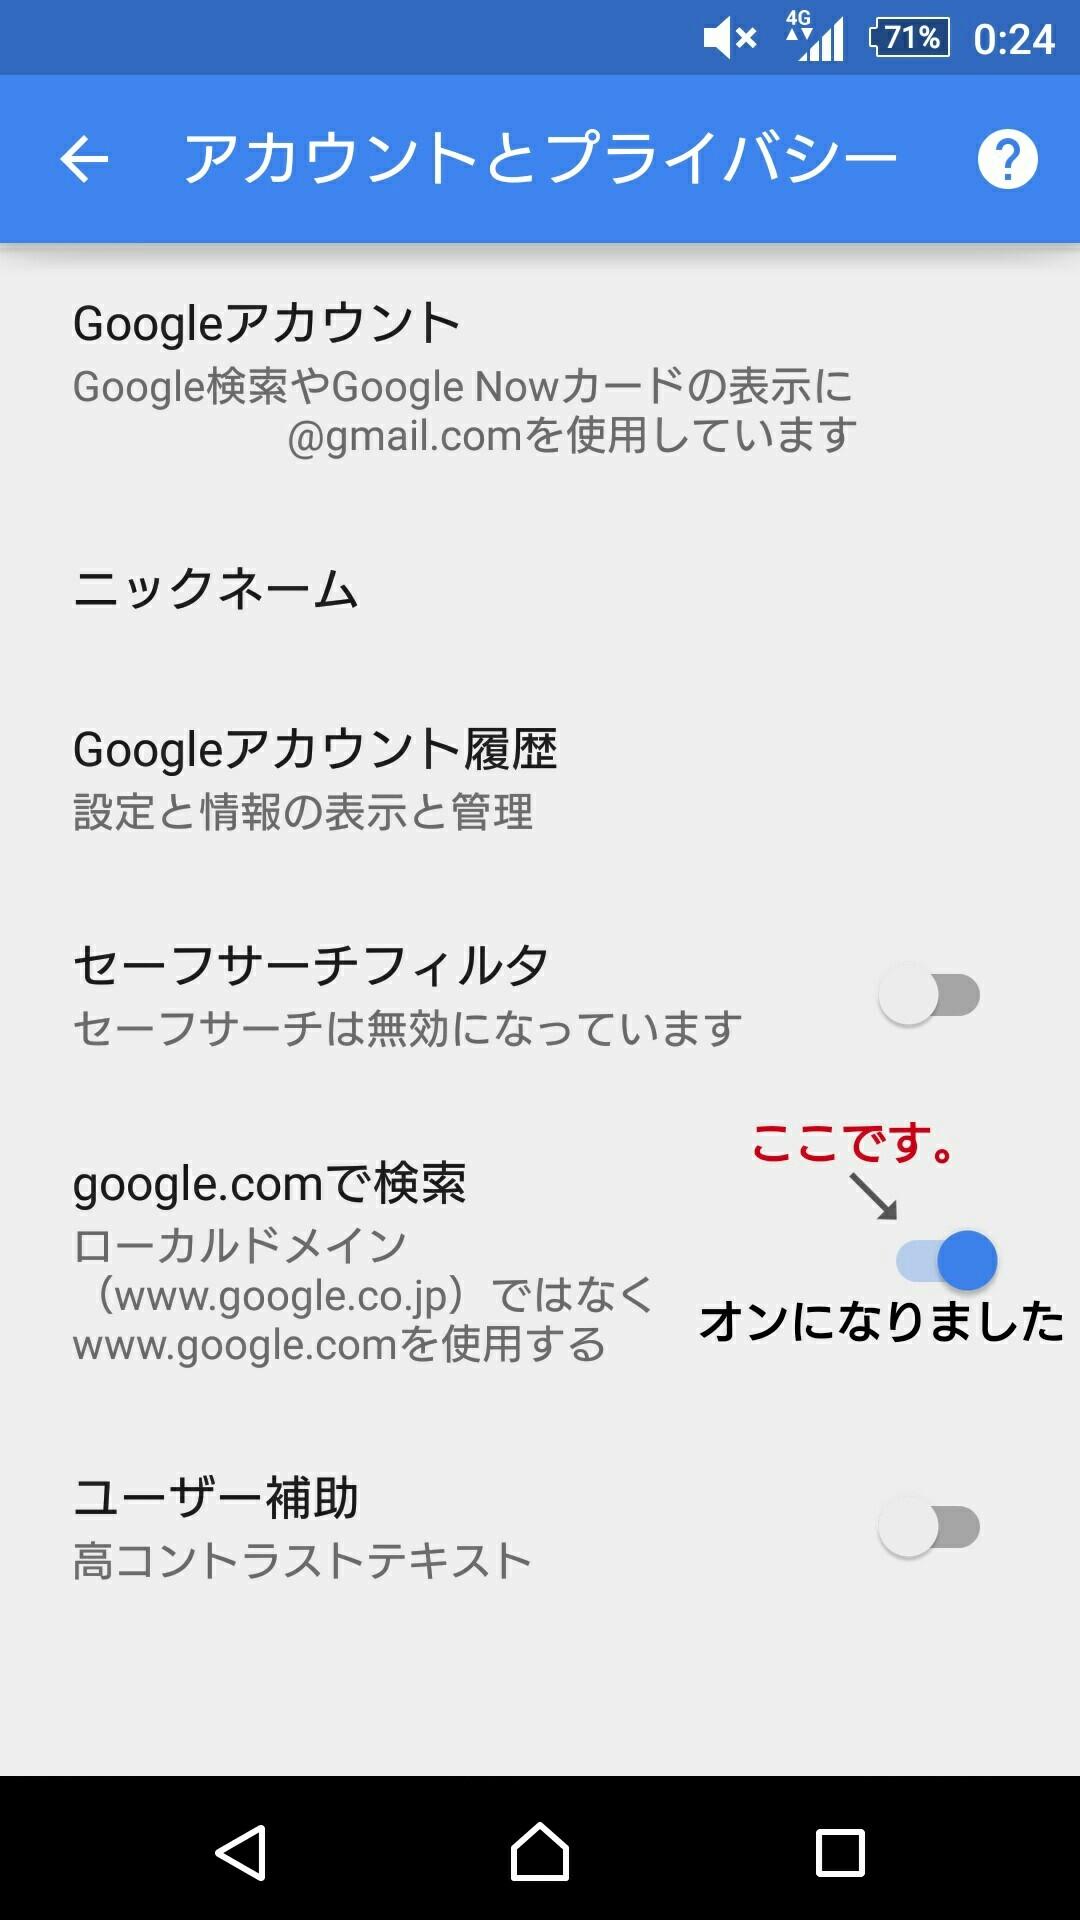 f:id:toufunokadohasokosokokatai:20170510103857j:plain